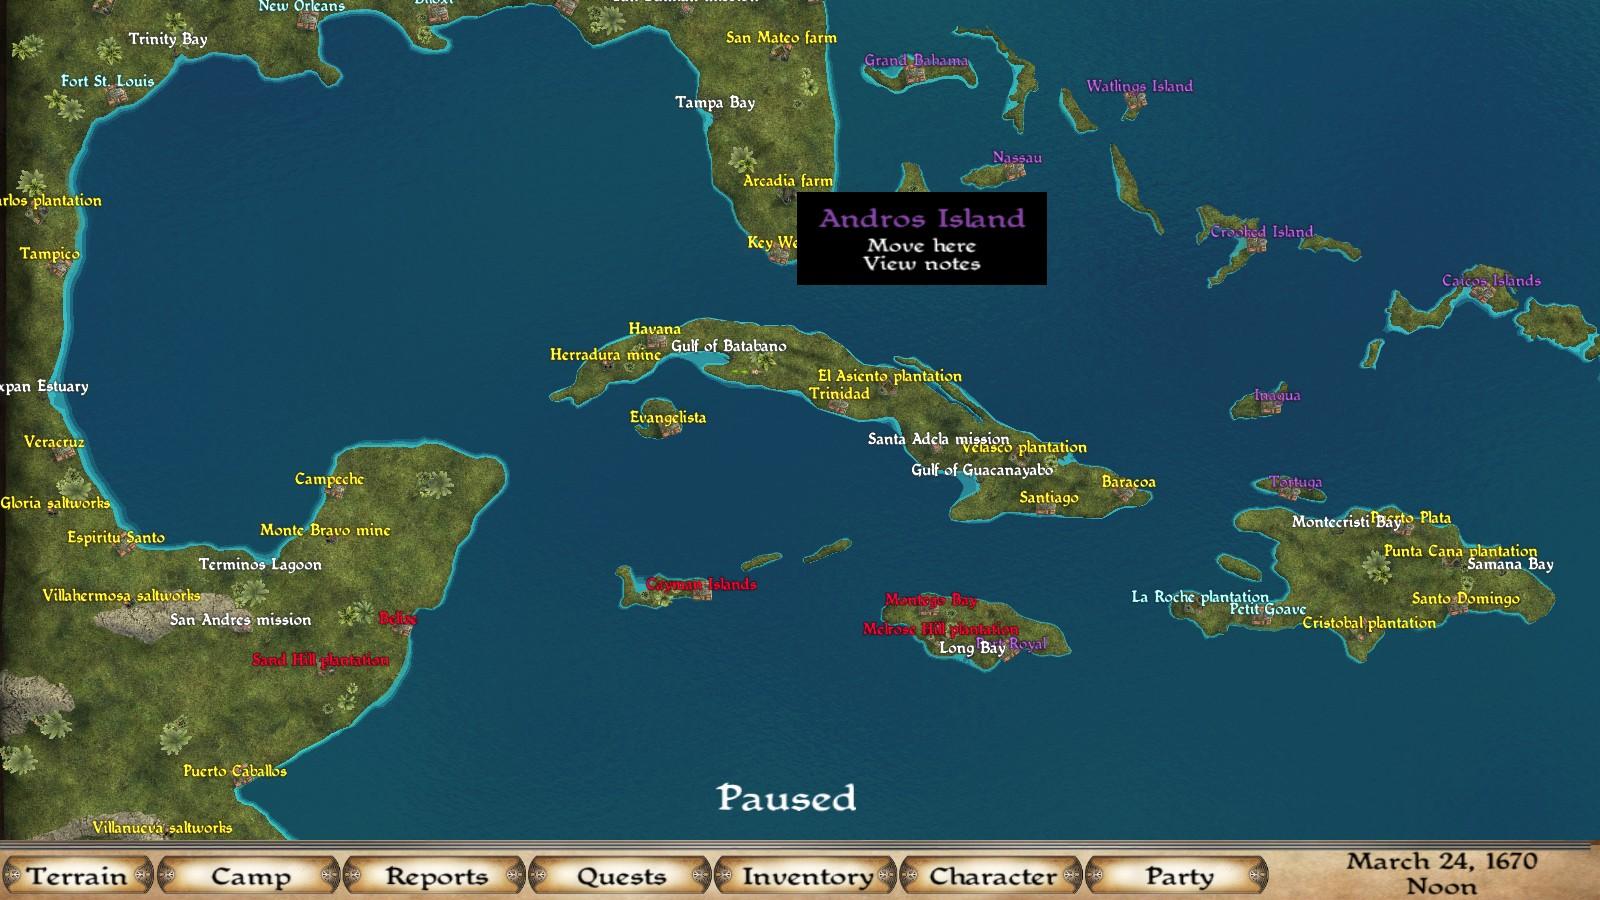 Blood & Gold: Caribbean! Ss_4d2bae763141ad9f58efd47dd2a69475baf14261